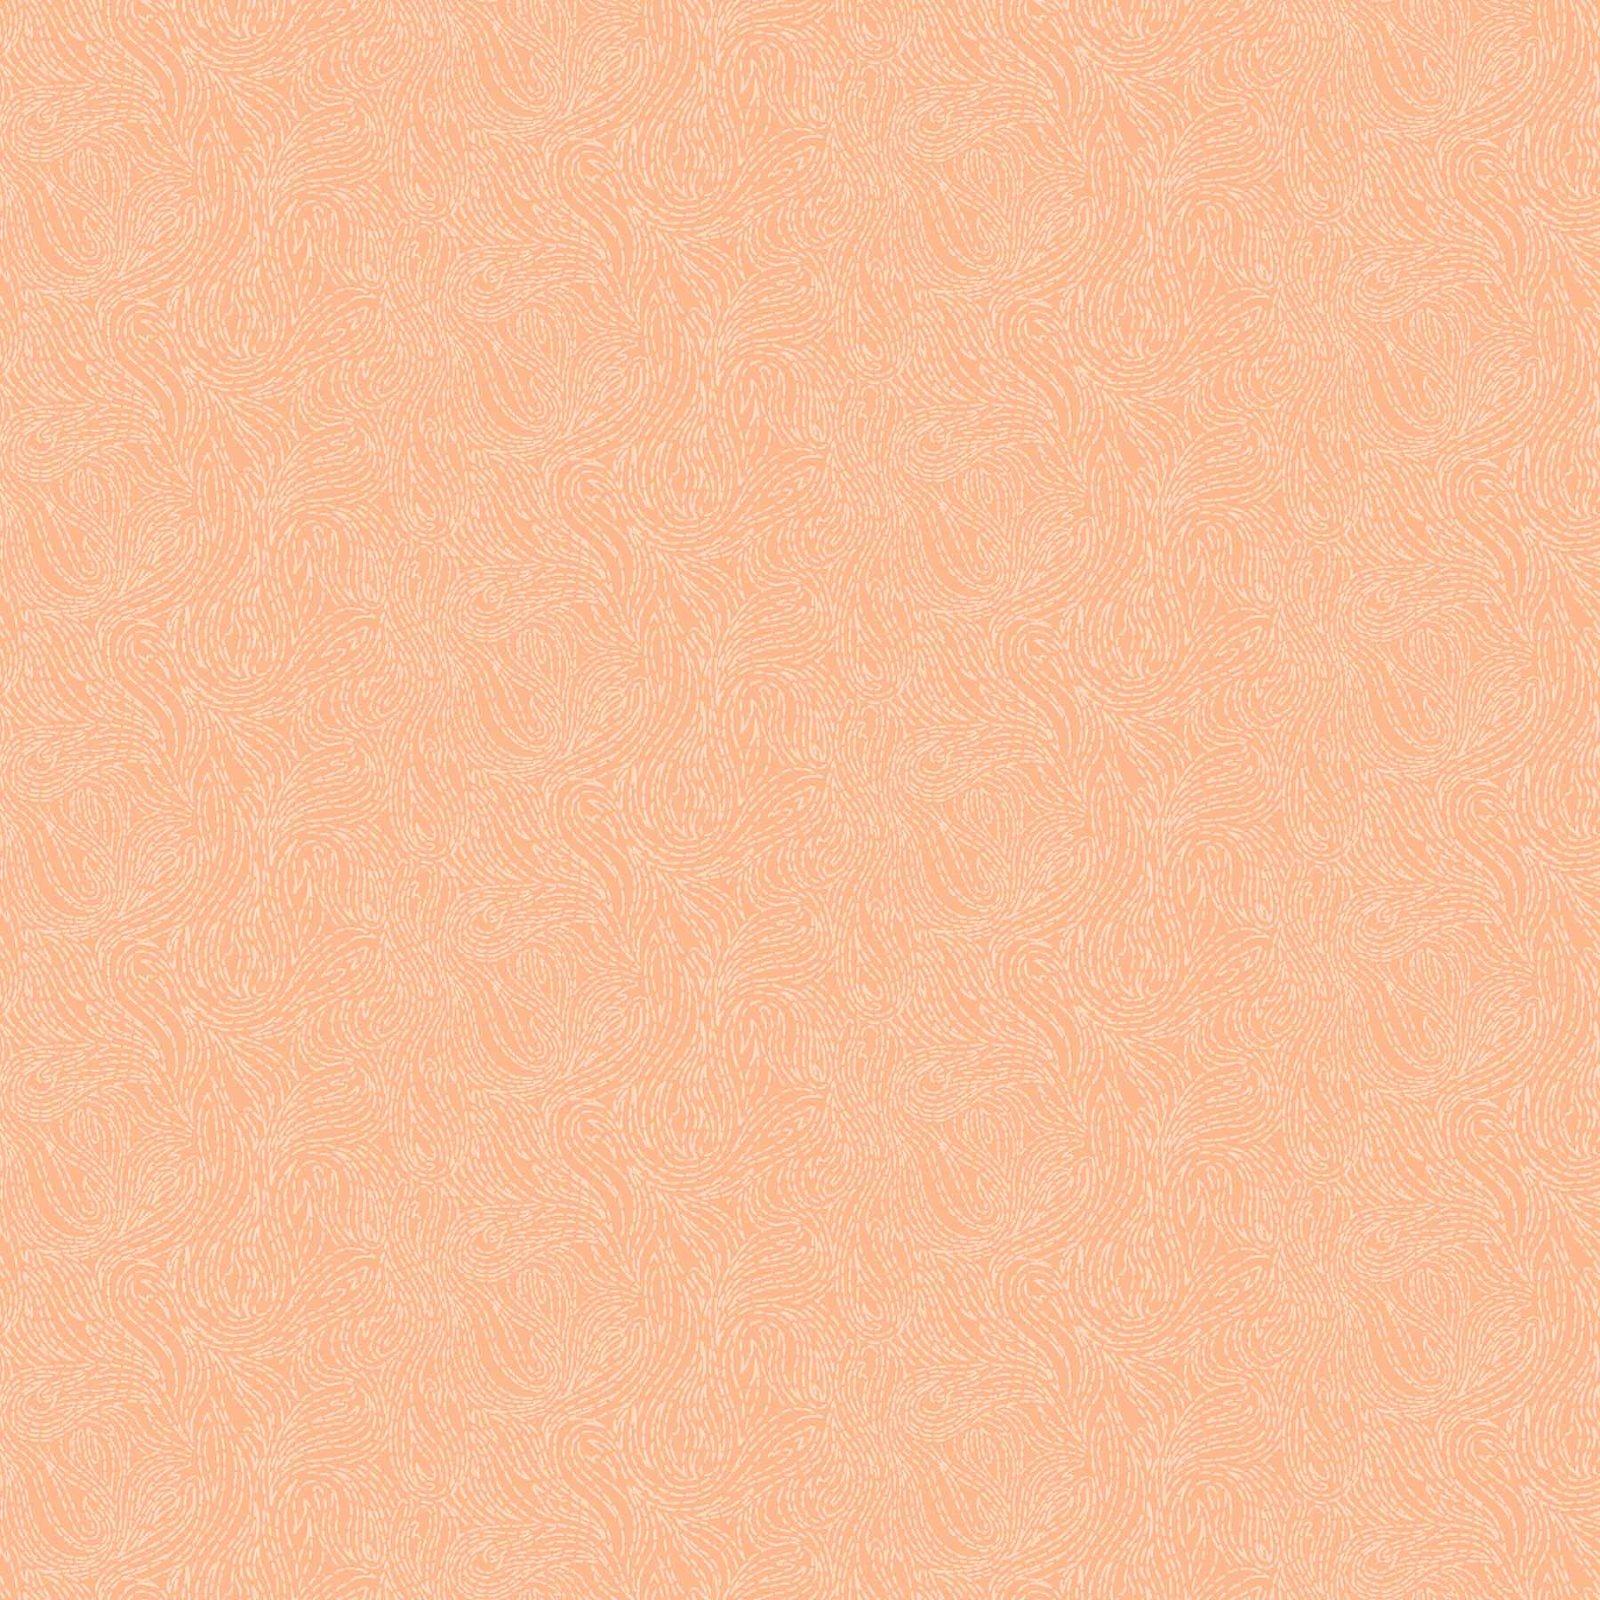 Coral - Fire - FIGO Elements - 92009 55